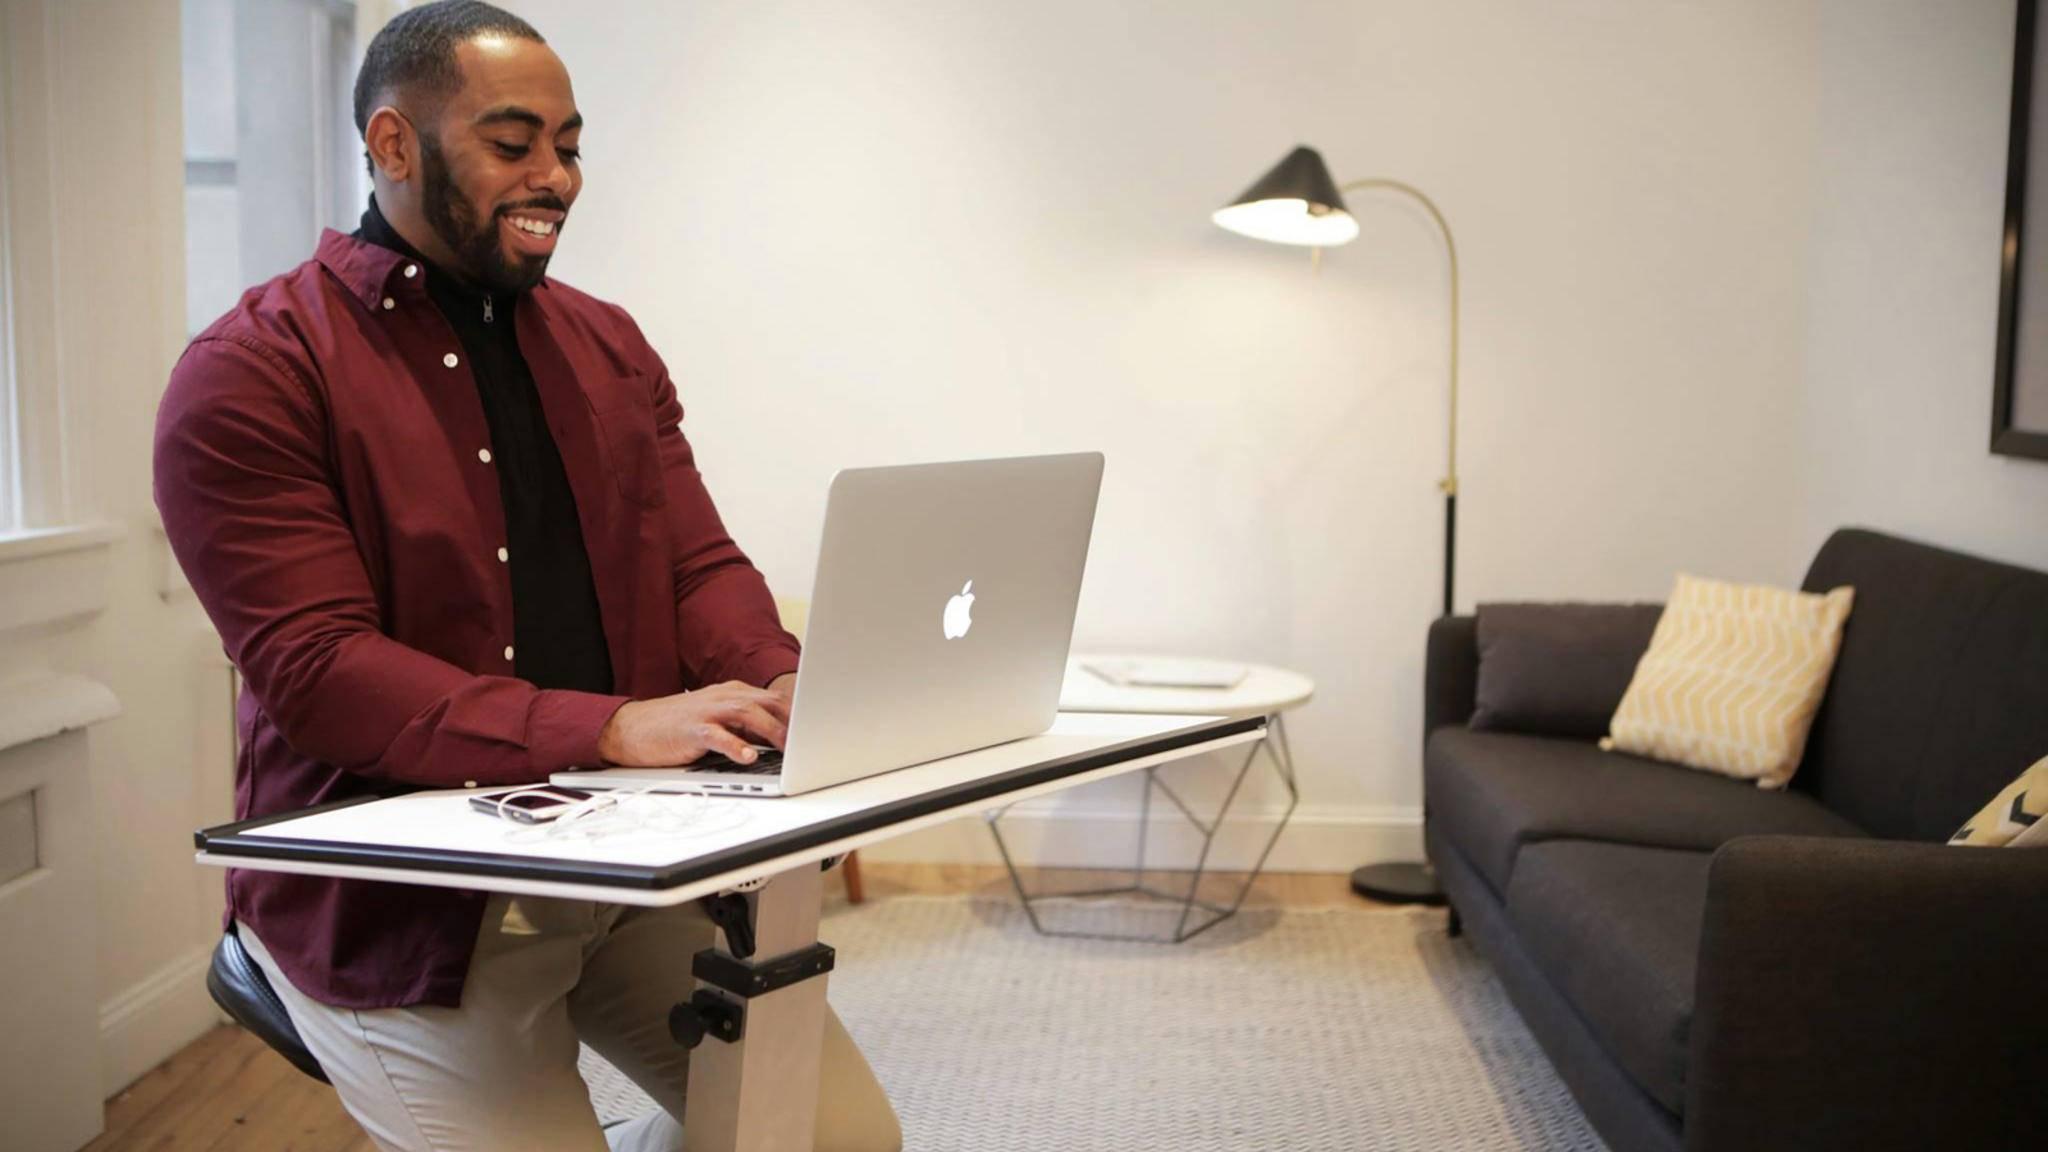 Der Edge Desk kommt überall mit hin und macht jeden Ort zum Arbeitsplatz.